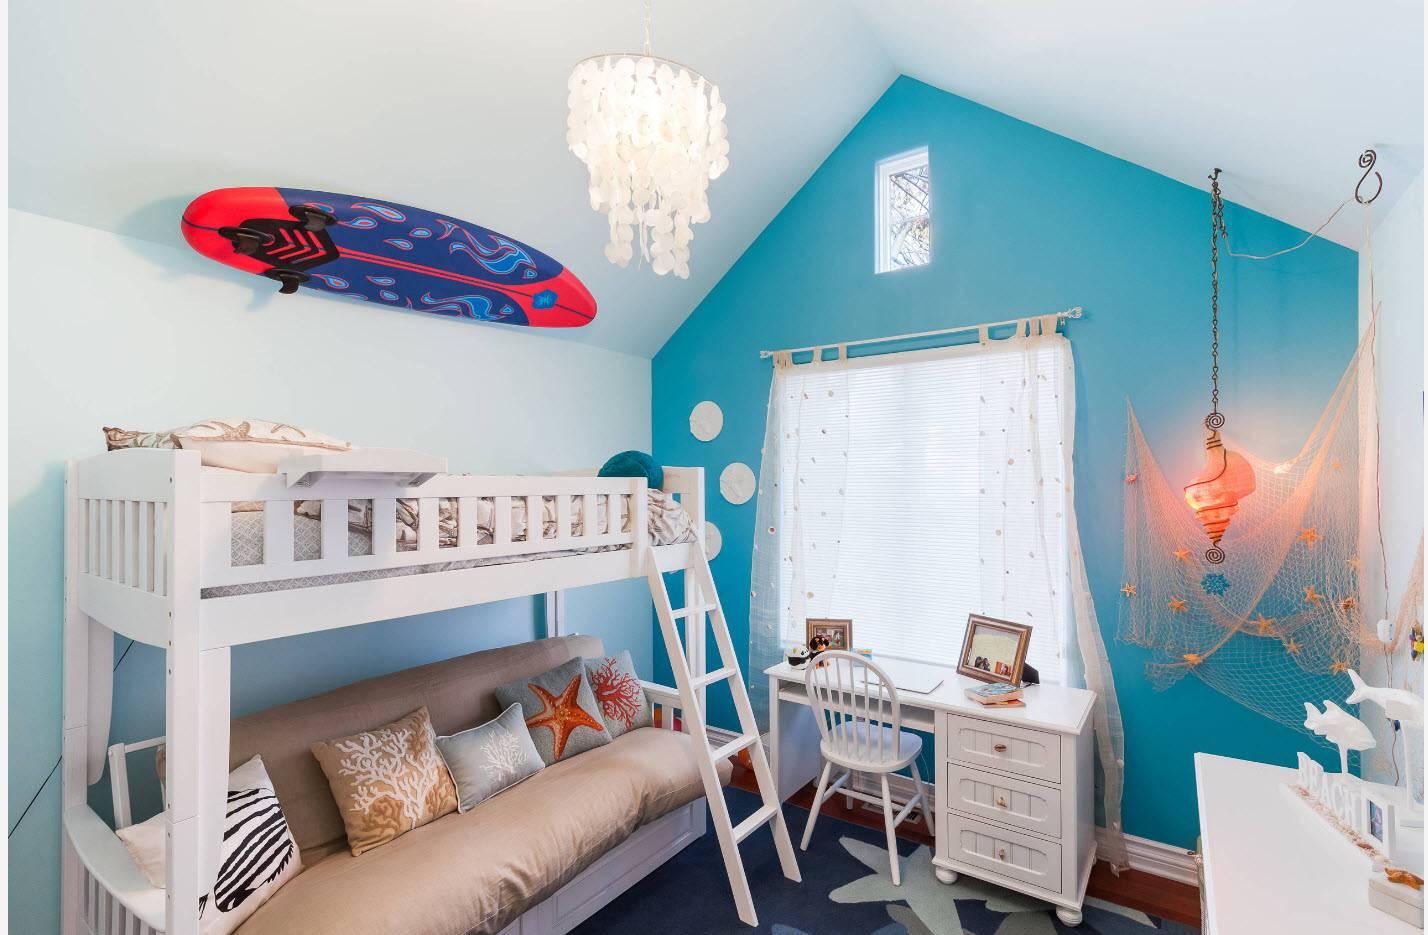 Потолок в детской (116 фото): красивый потолок в комнате, какой лучше сделать